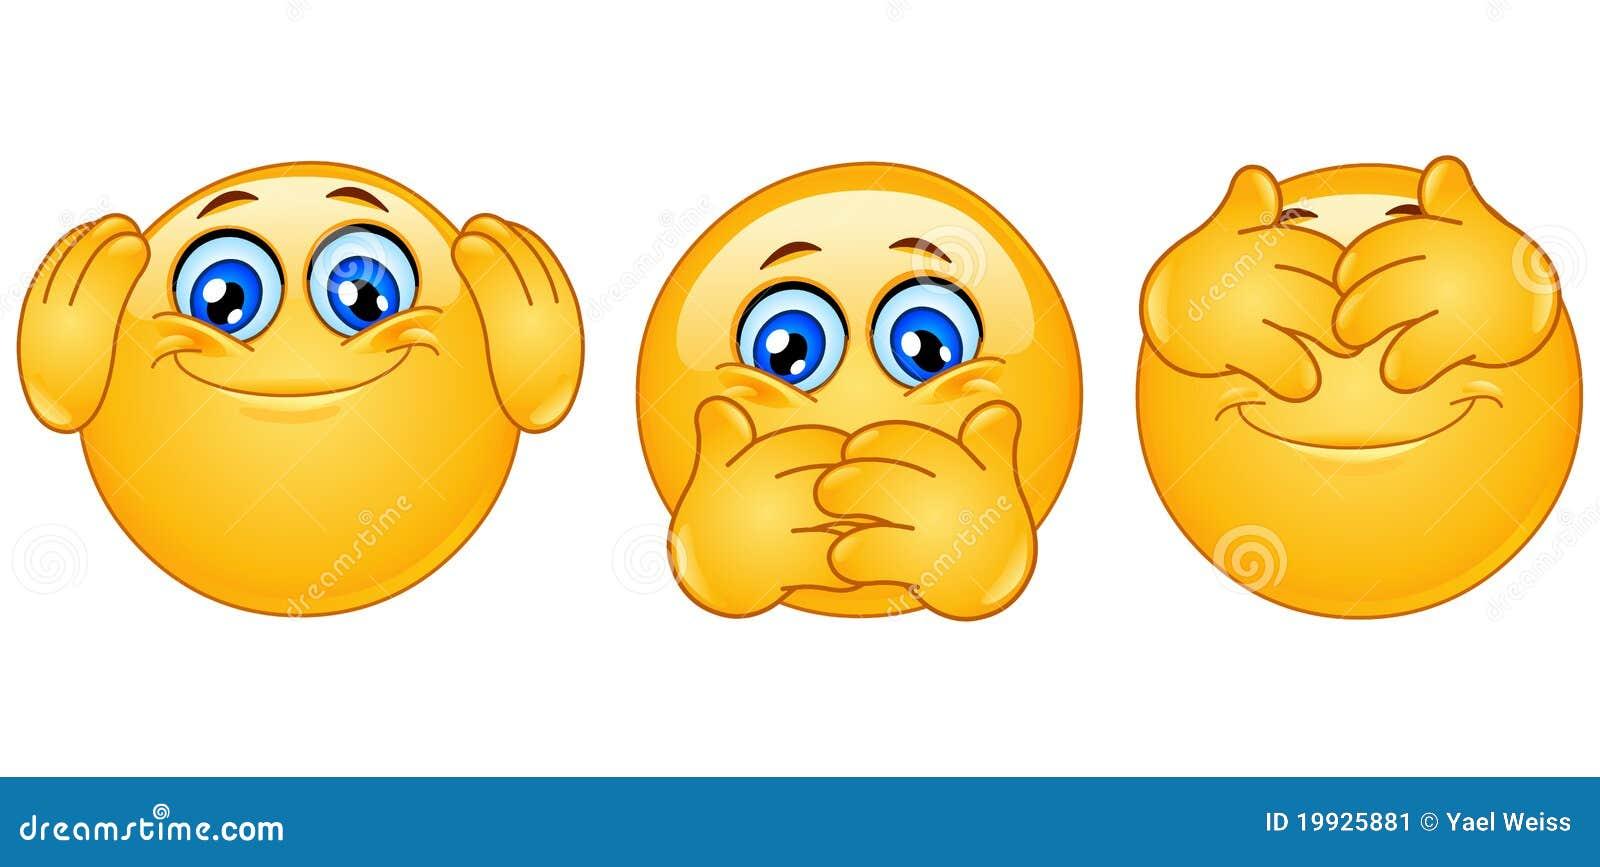 three monkeys emoticons stock image image 19925881 mafia gangster clipart mafia gangster clipart